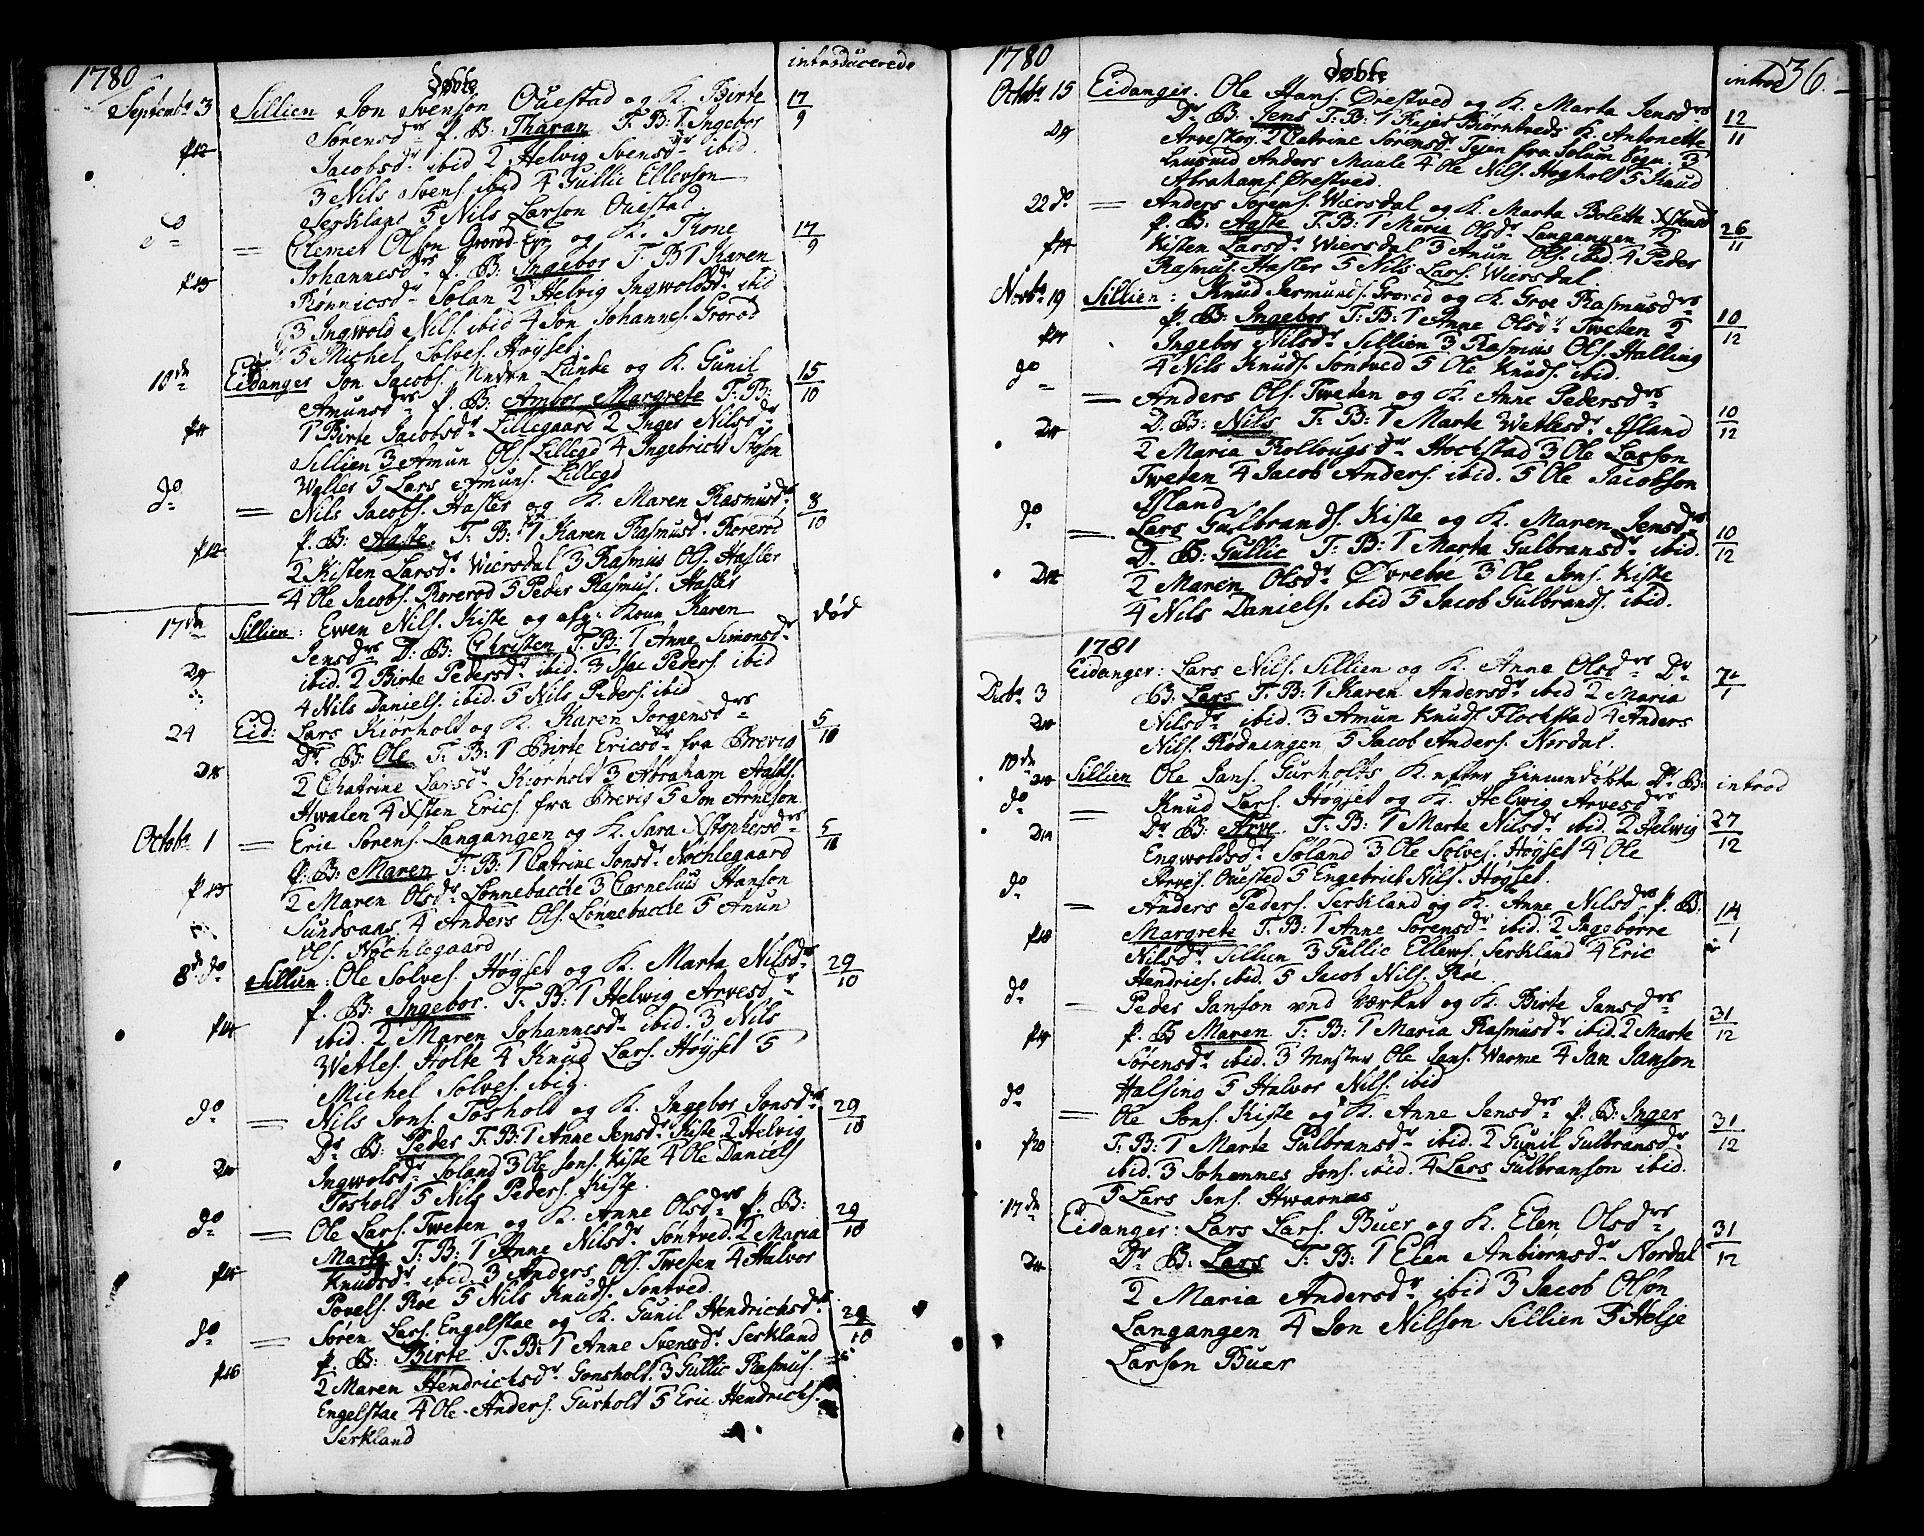 SAKO, Eidanger kirkebøker, F/Fa/L0006: Ministerialbok nr. 6, 1764-1814, s. 36